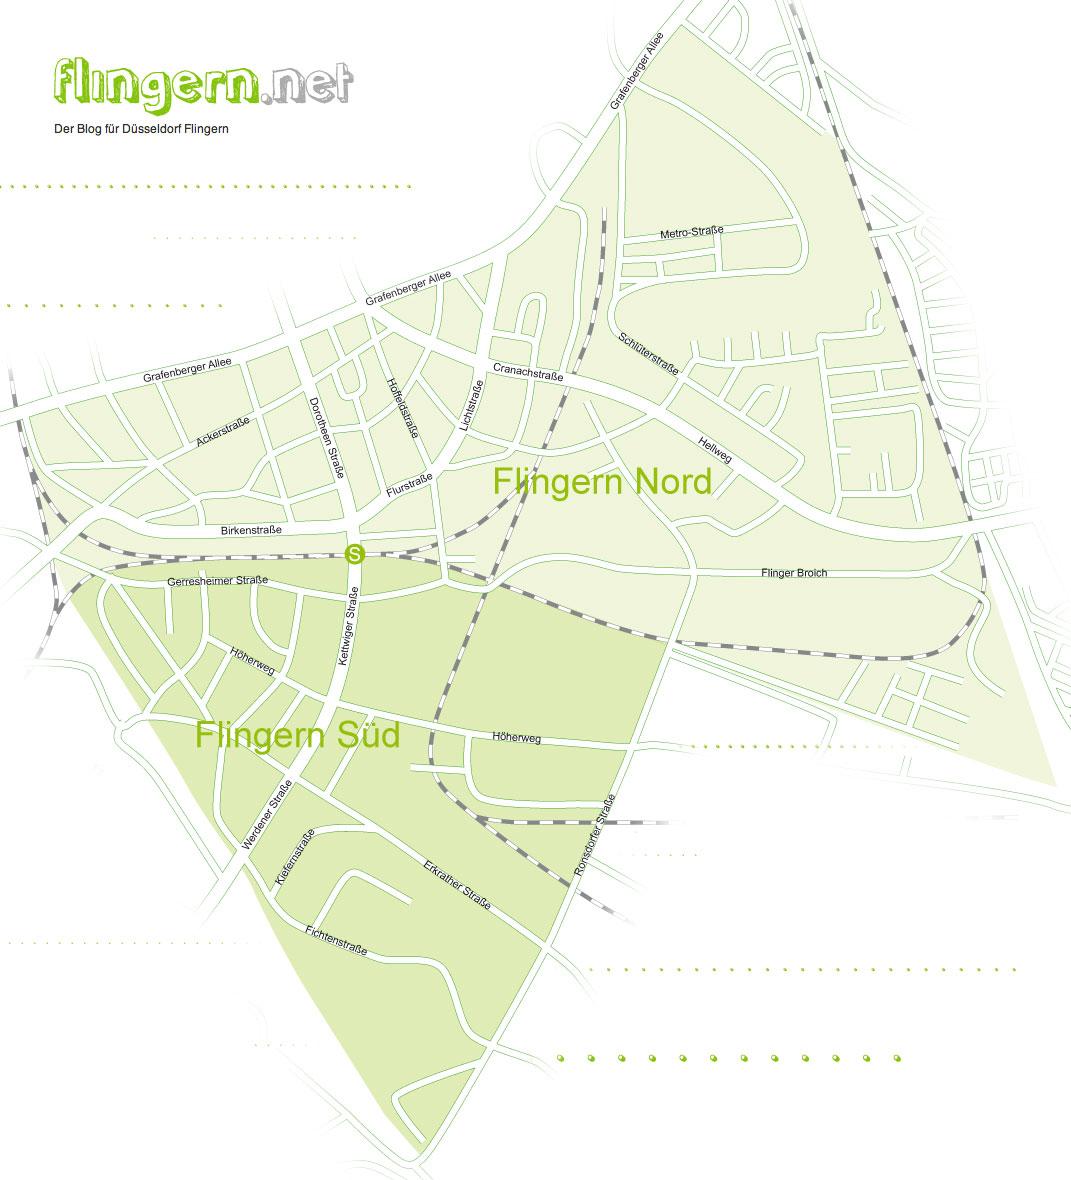 Düsseldorf Karte.Der Stadtteil Düsseldorf Flingern Karte Mit Aufteilung